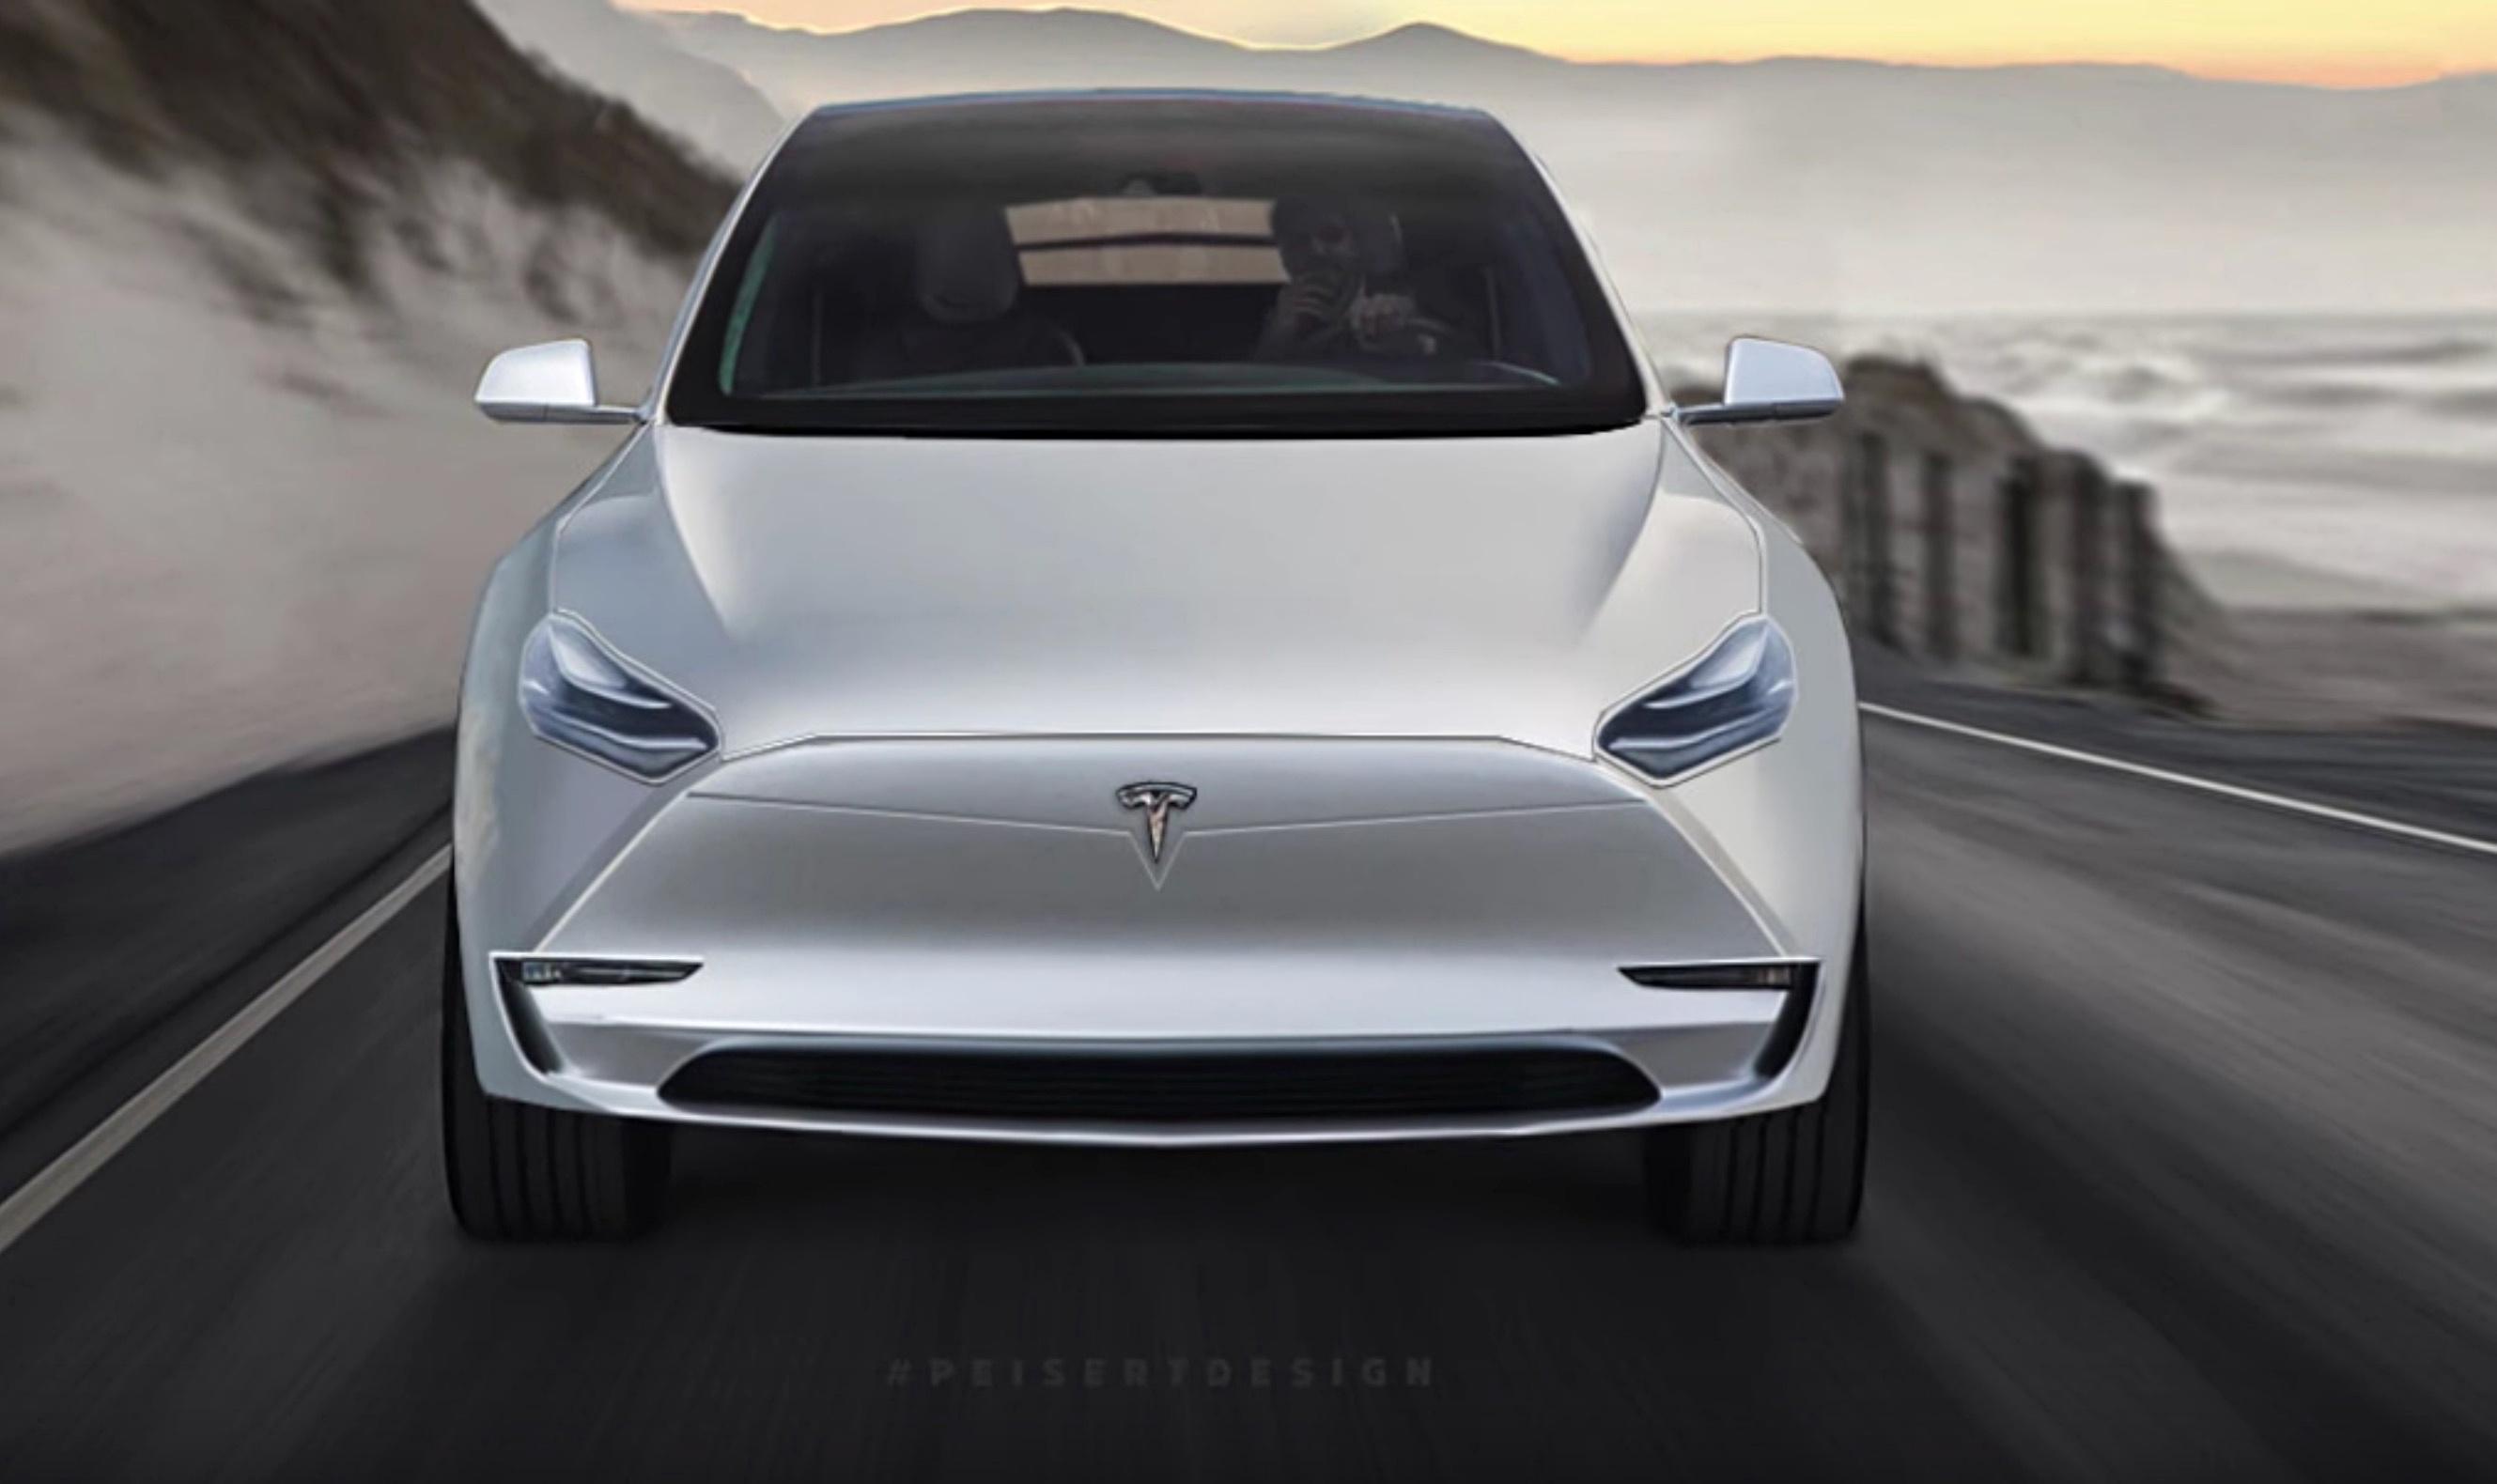 Илон Маск: Кроссовер Tesla Model Yдебютирует 15марта 2019